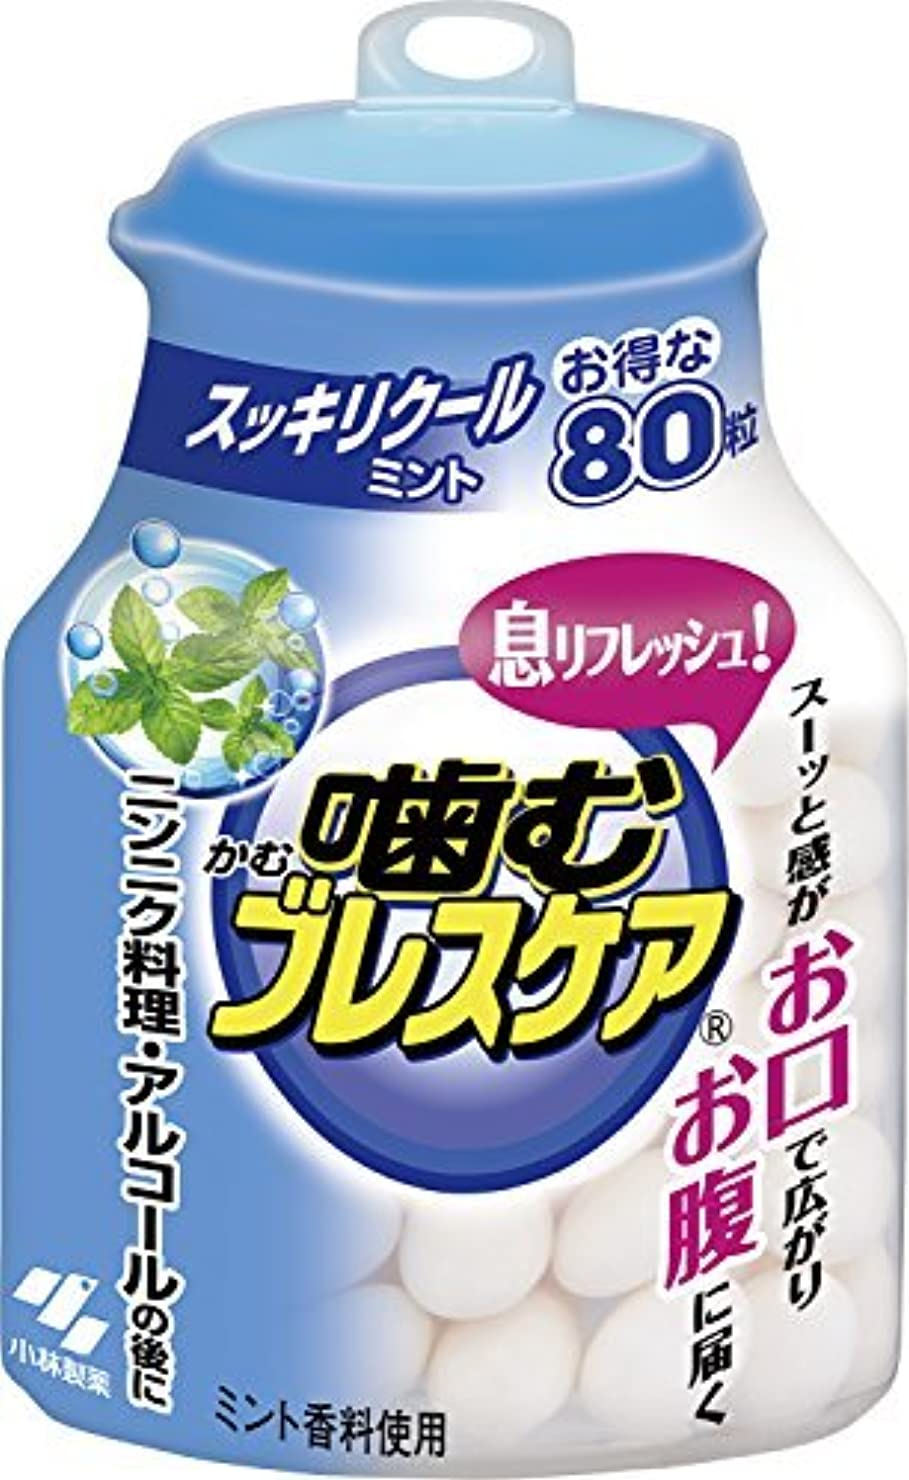 ジェスチャー盗難未使用噛むブレスケア ボトルスッキリ クールミント 80粒 x 6個セット